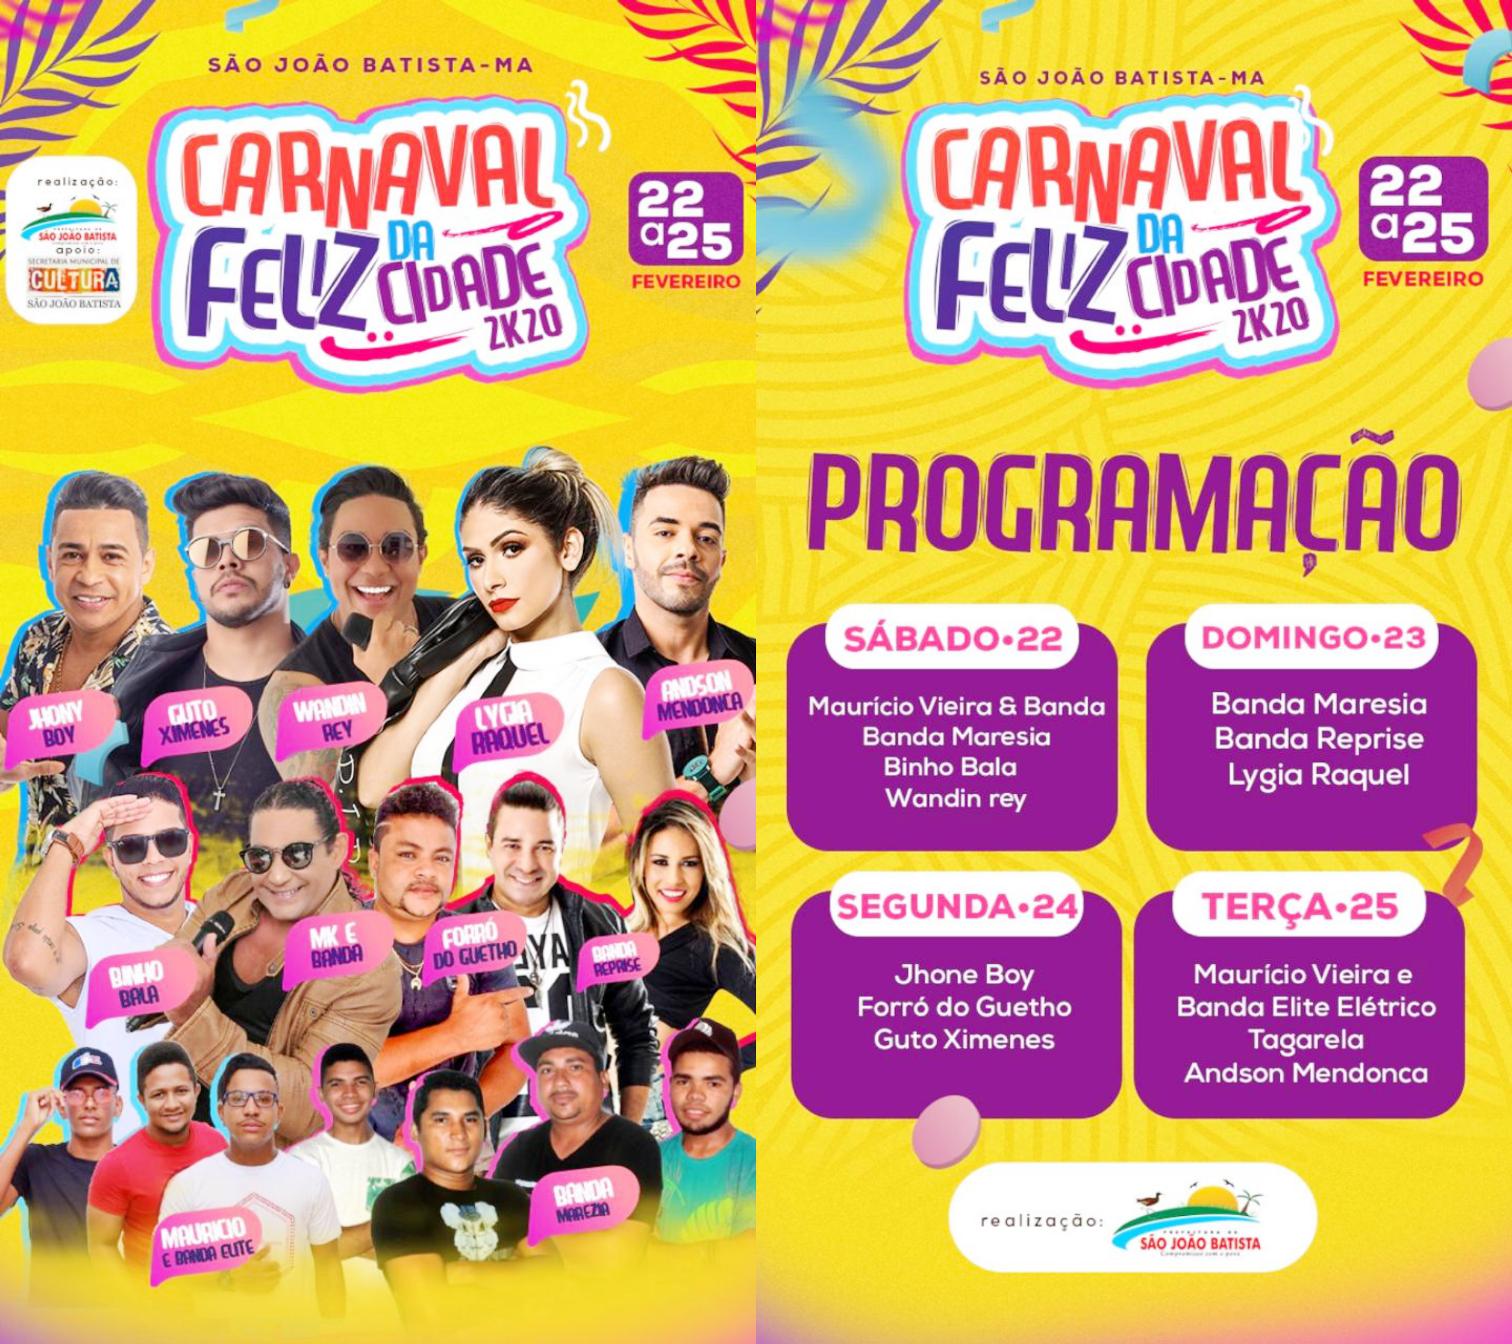 SÃO JOAO BATISTA/MA – Terá o melhor Carnaval da Baixada